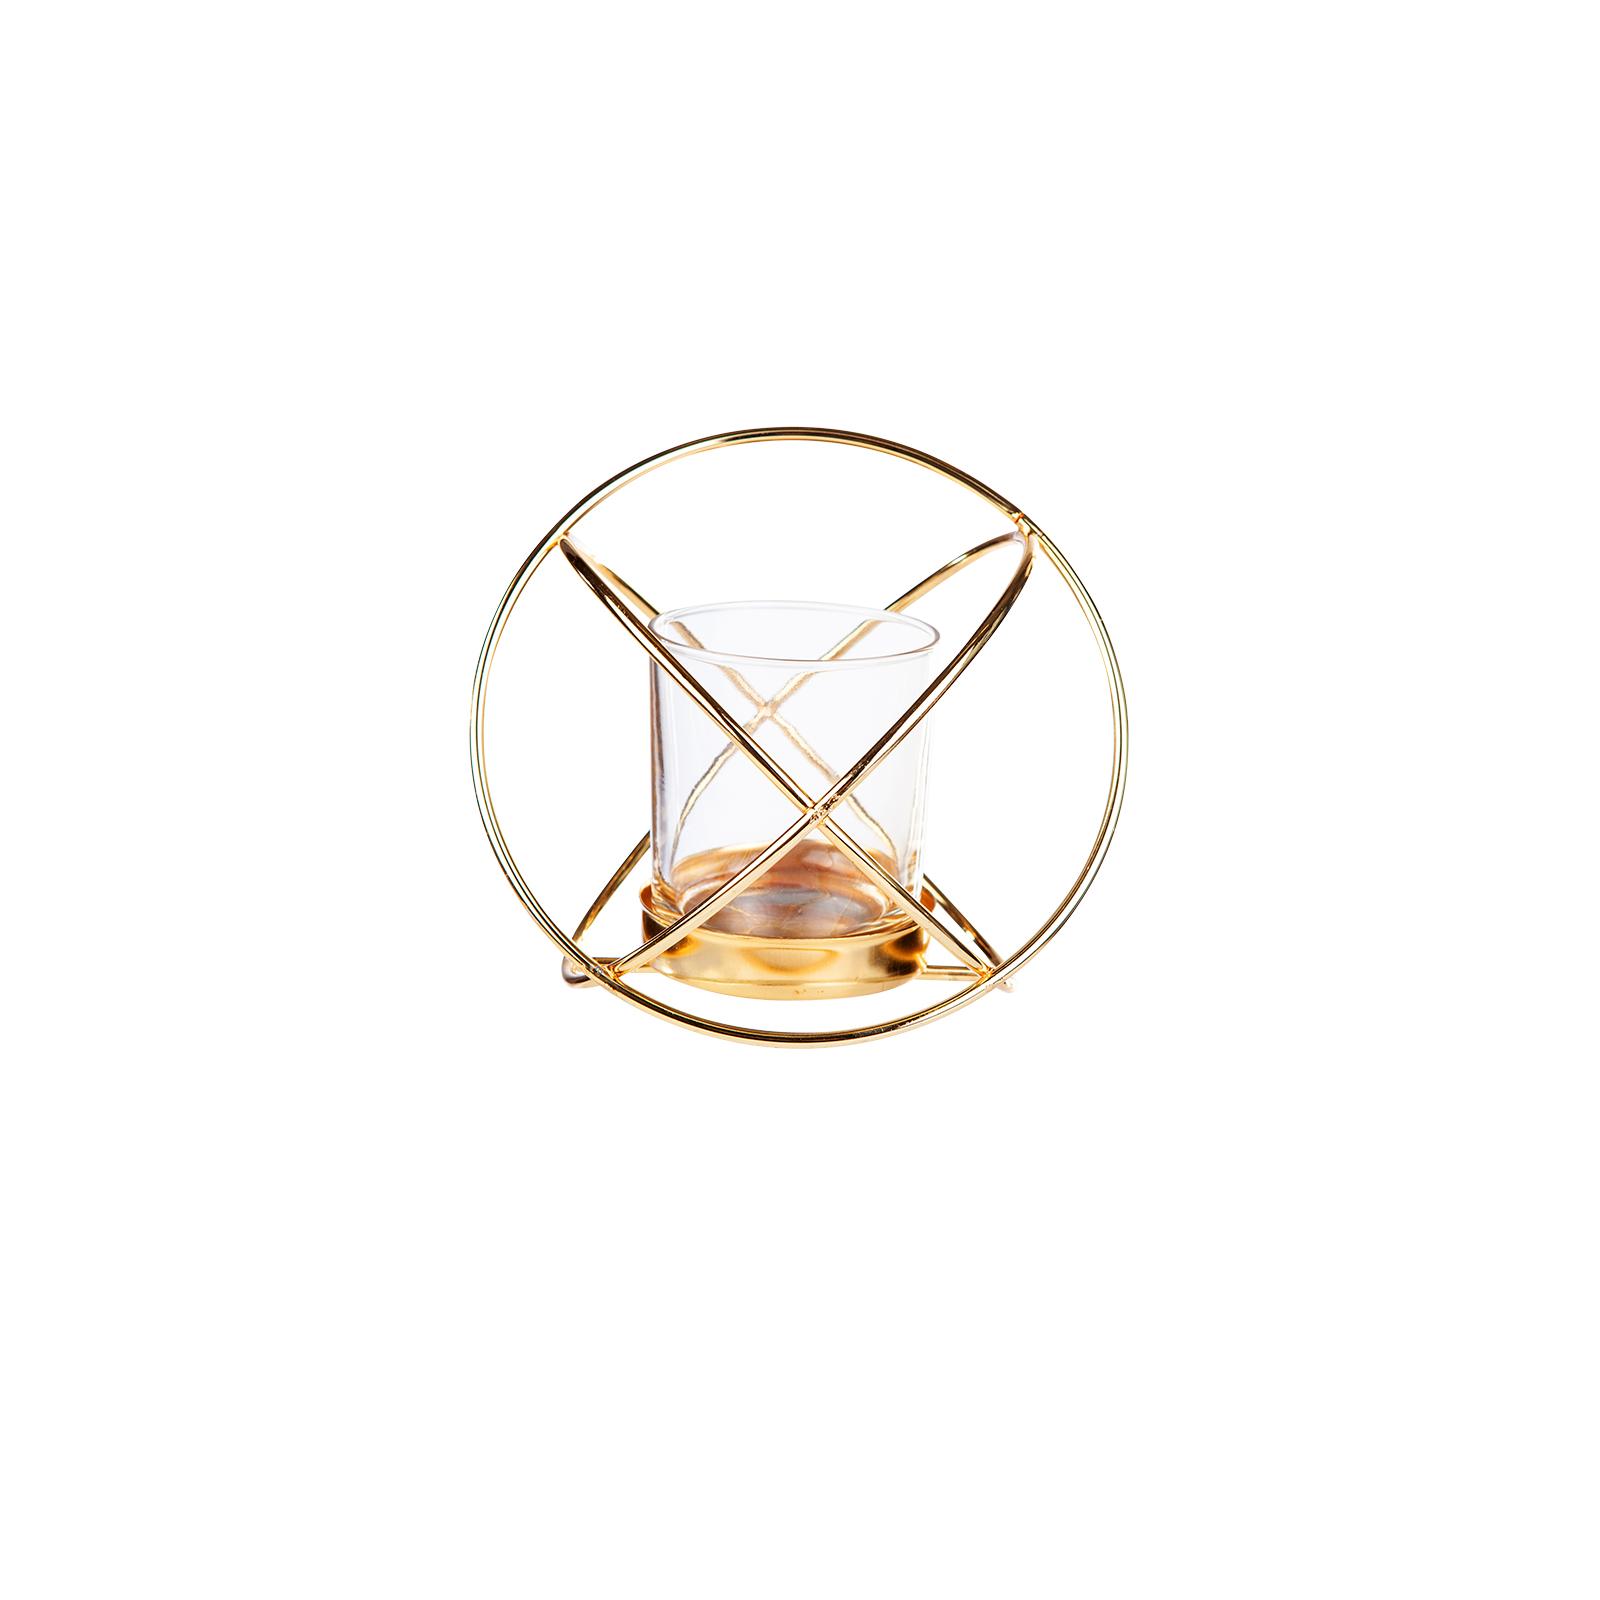 Karaca Home Geometri Yuvarlak Mumluk Gold 12 cm